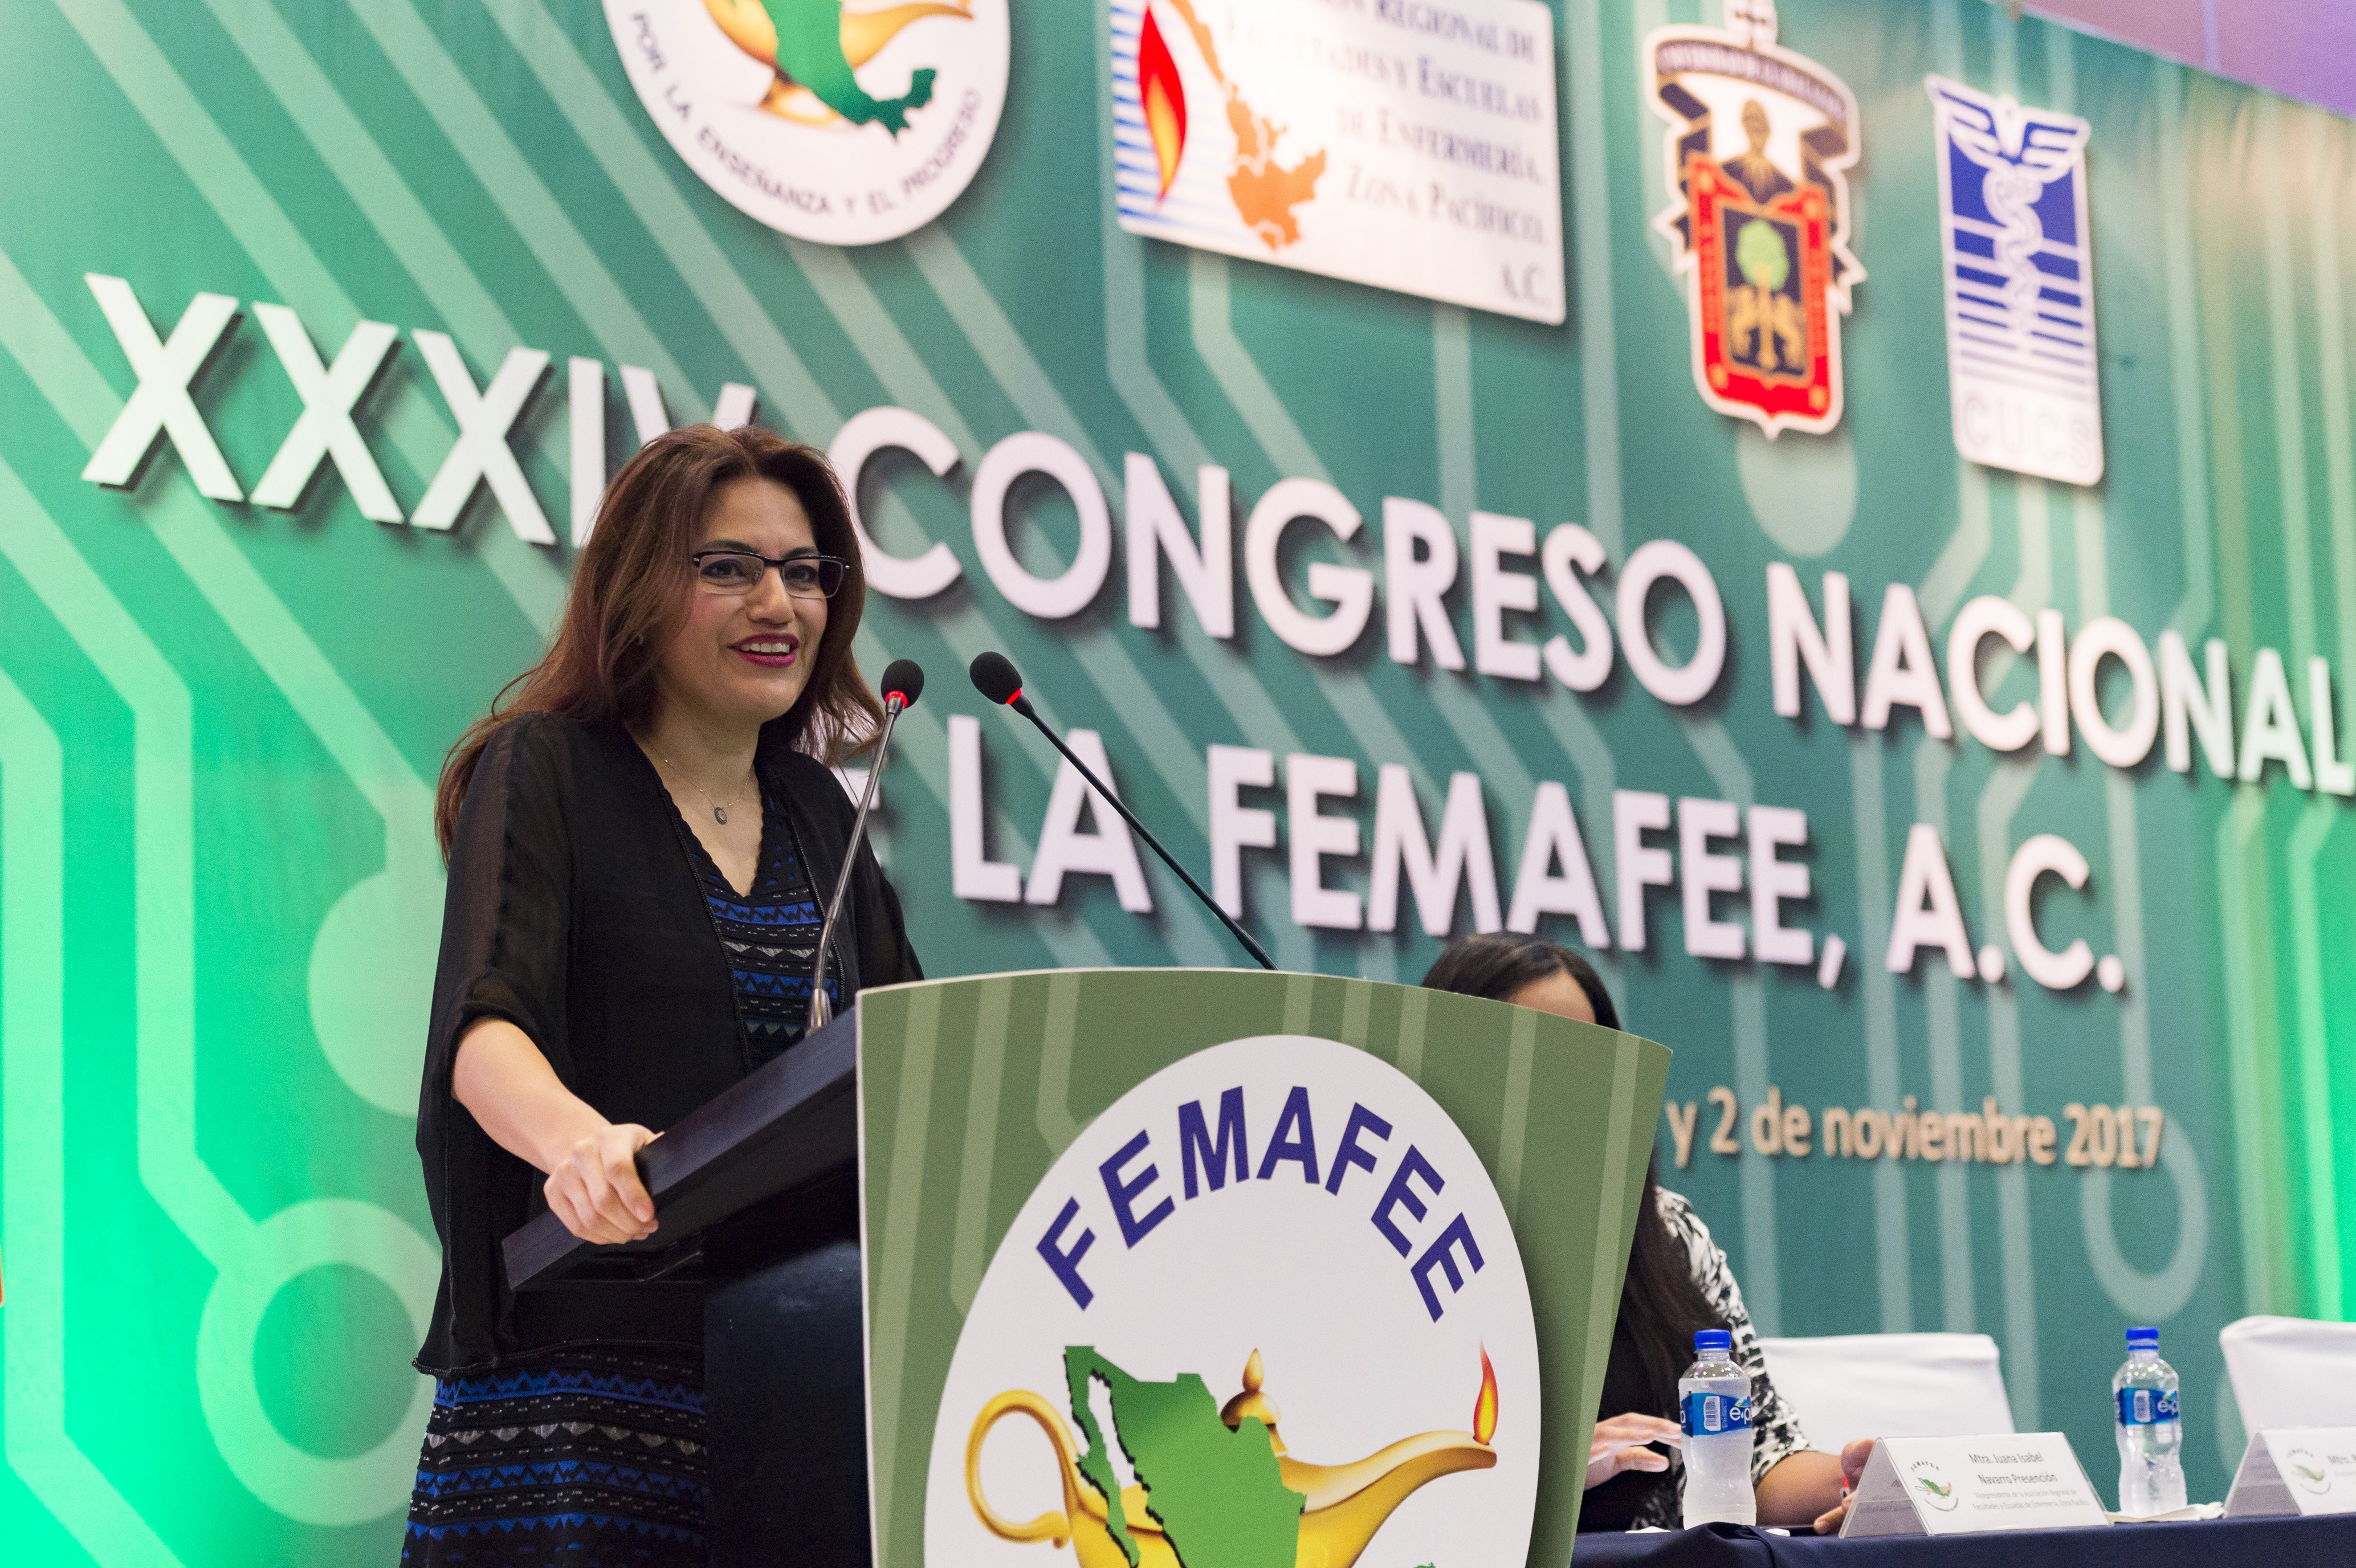 Doctora Patricia Rosas Chávez, coordinadora de Innovación Educativa y Pregrado de la Universidad de Guadalajara, impartiendo conferencia.